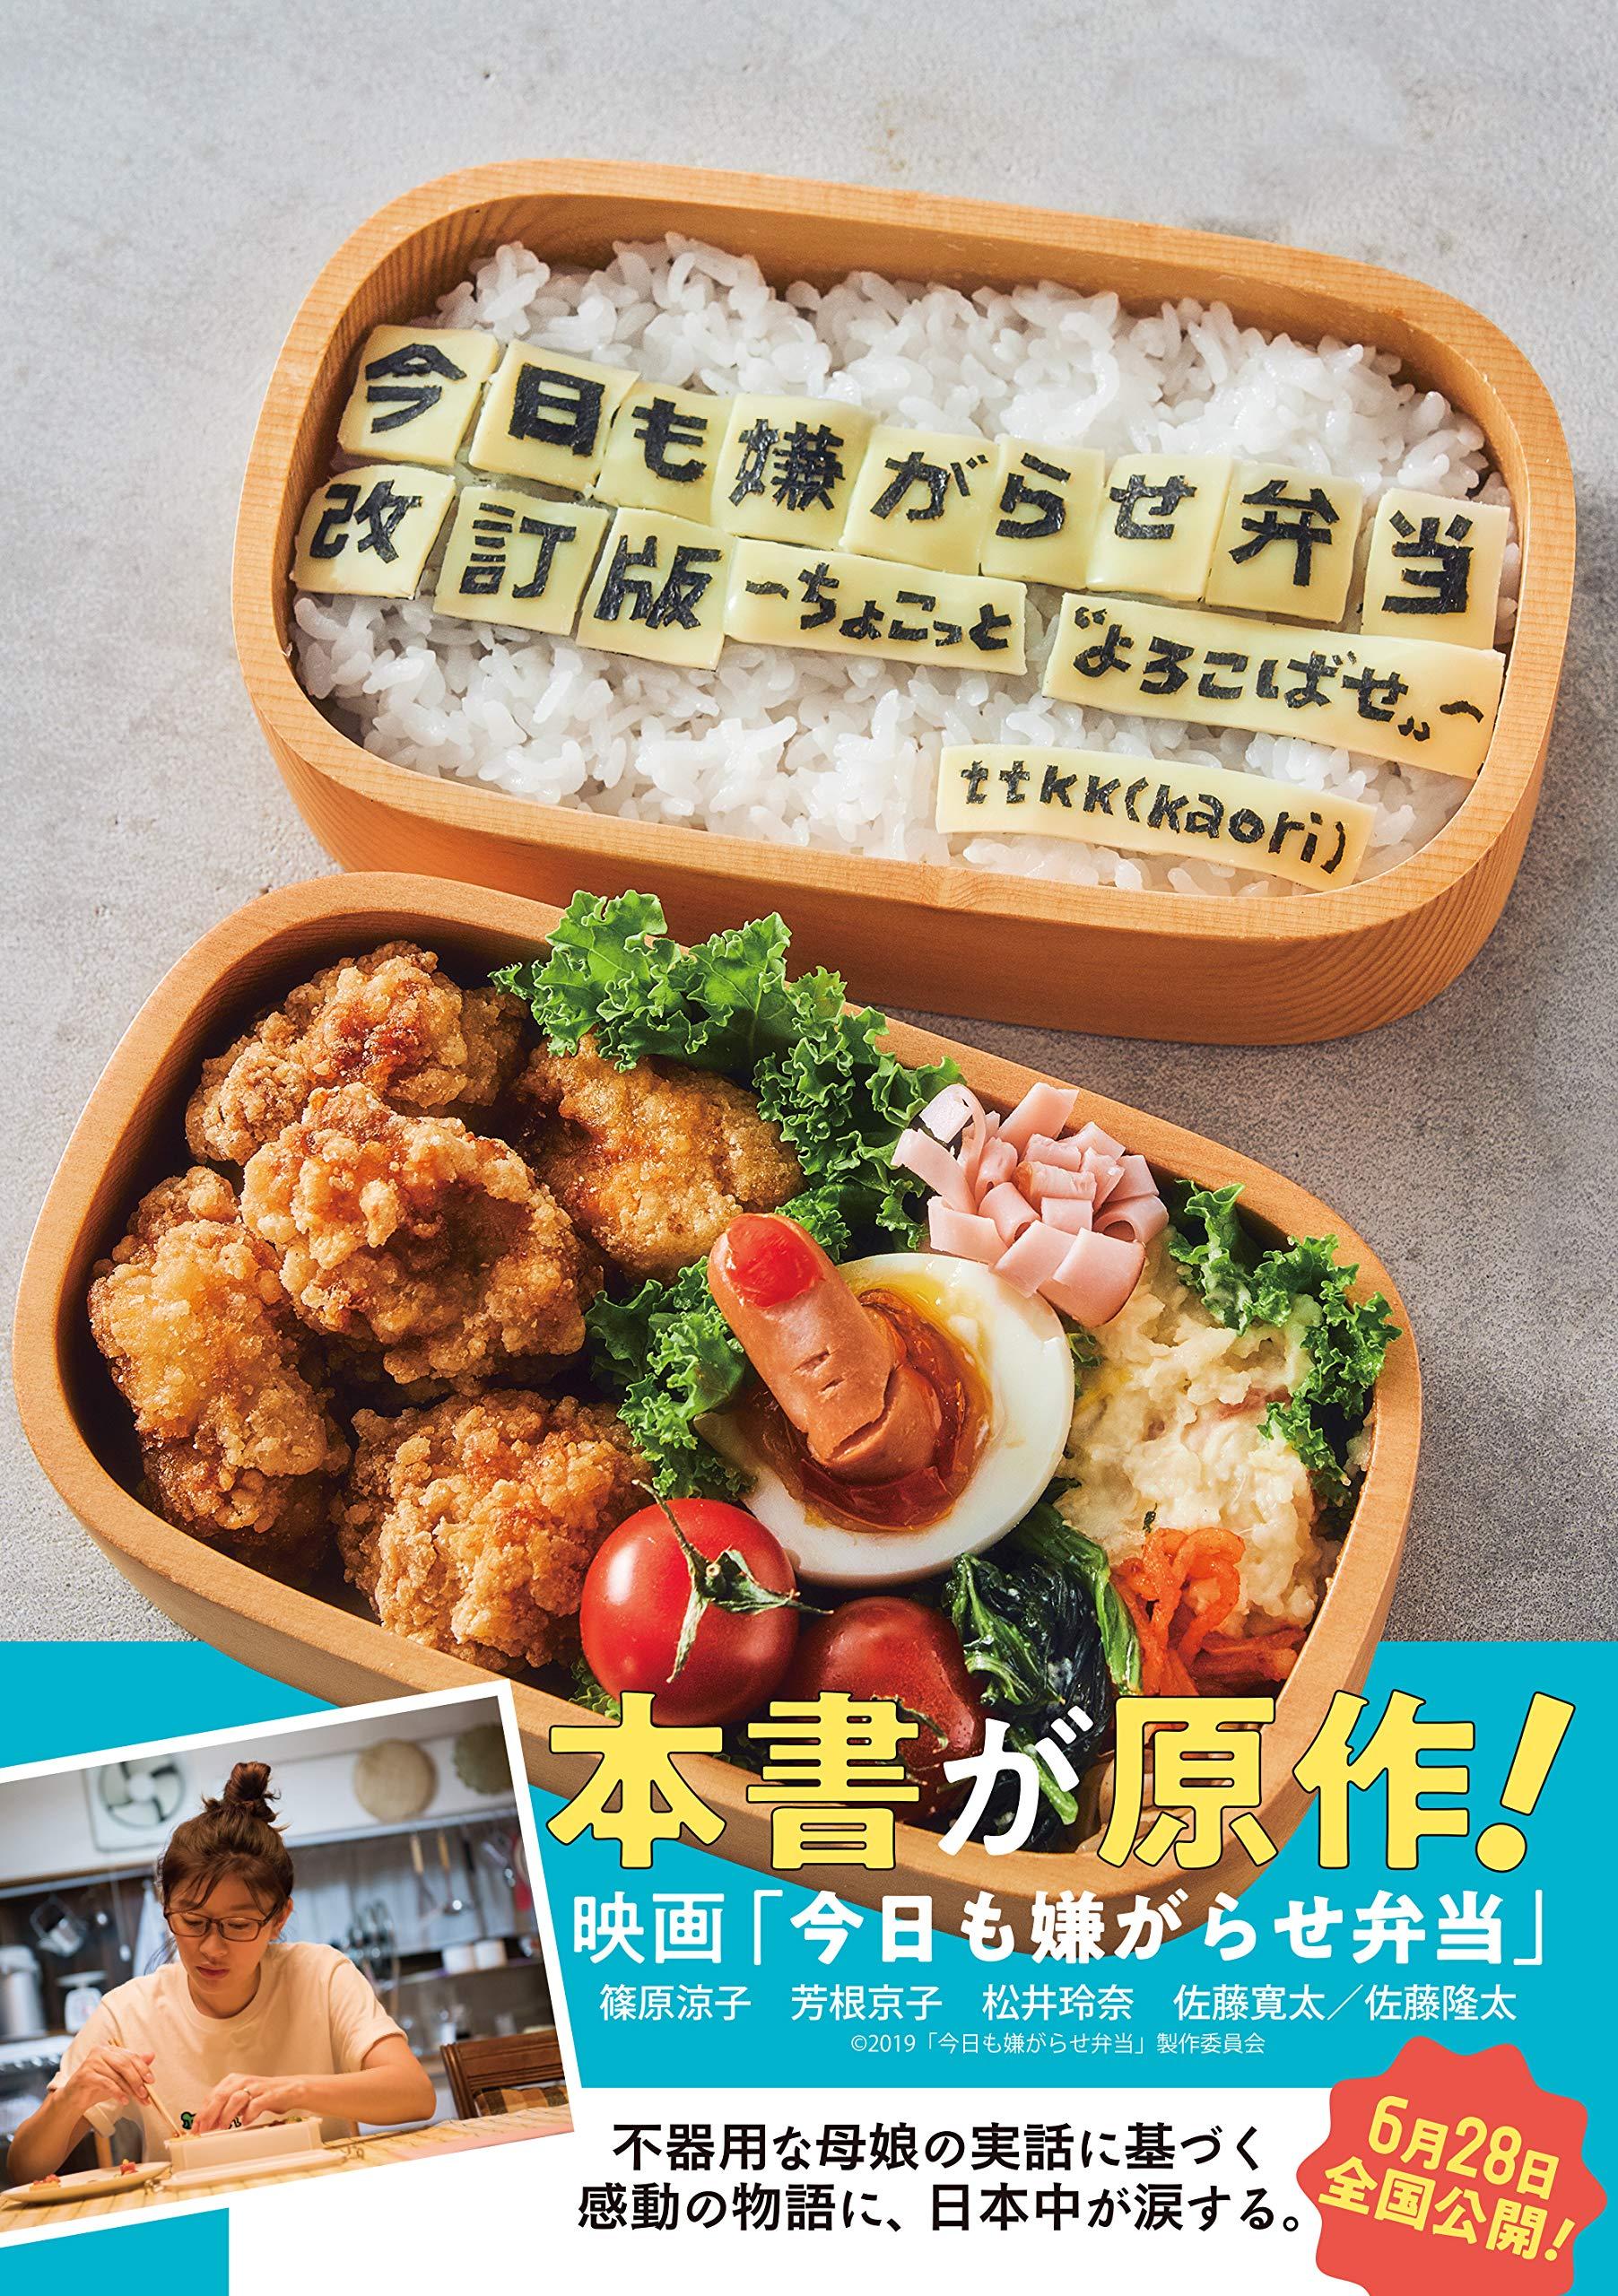 今日 も 嫌がらせ 弁当 ブログ 卒業弁当 kaori(ttkk)の嫌がらせのためだけのお弁当ブログ